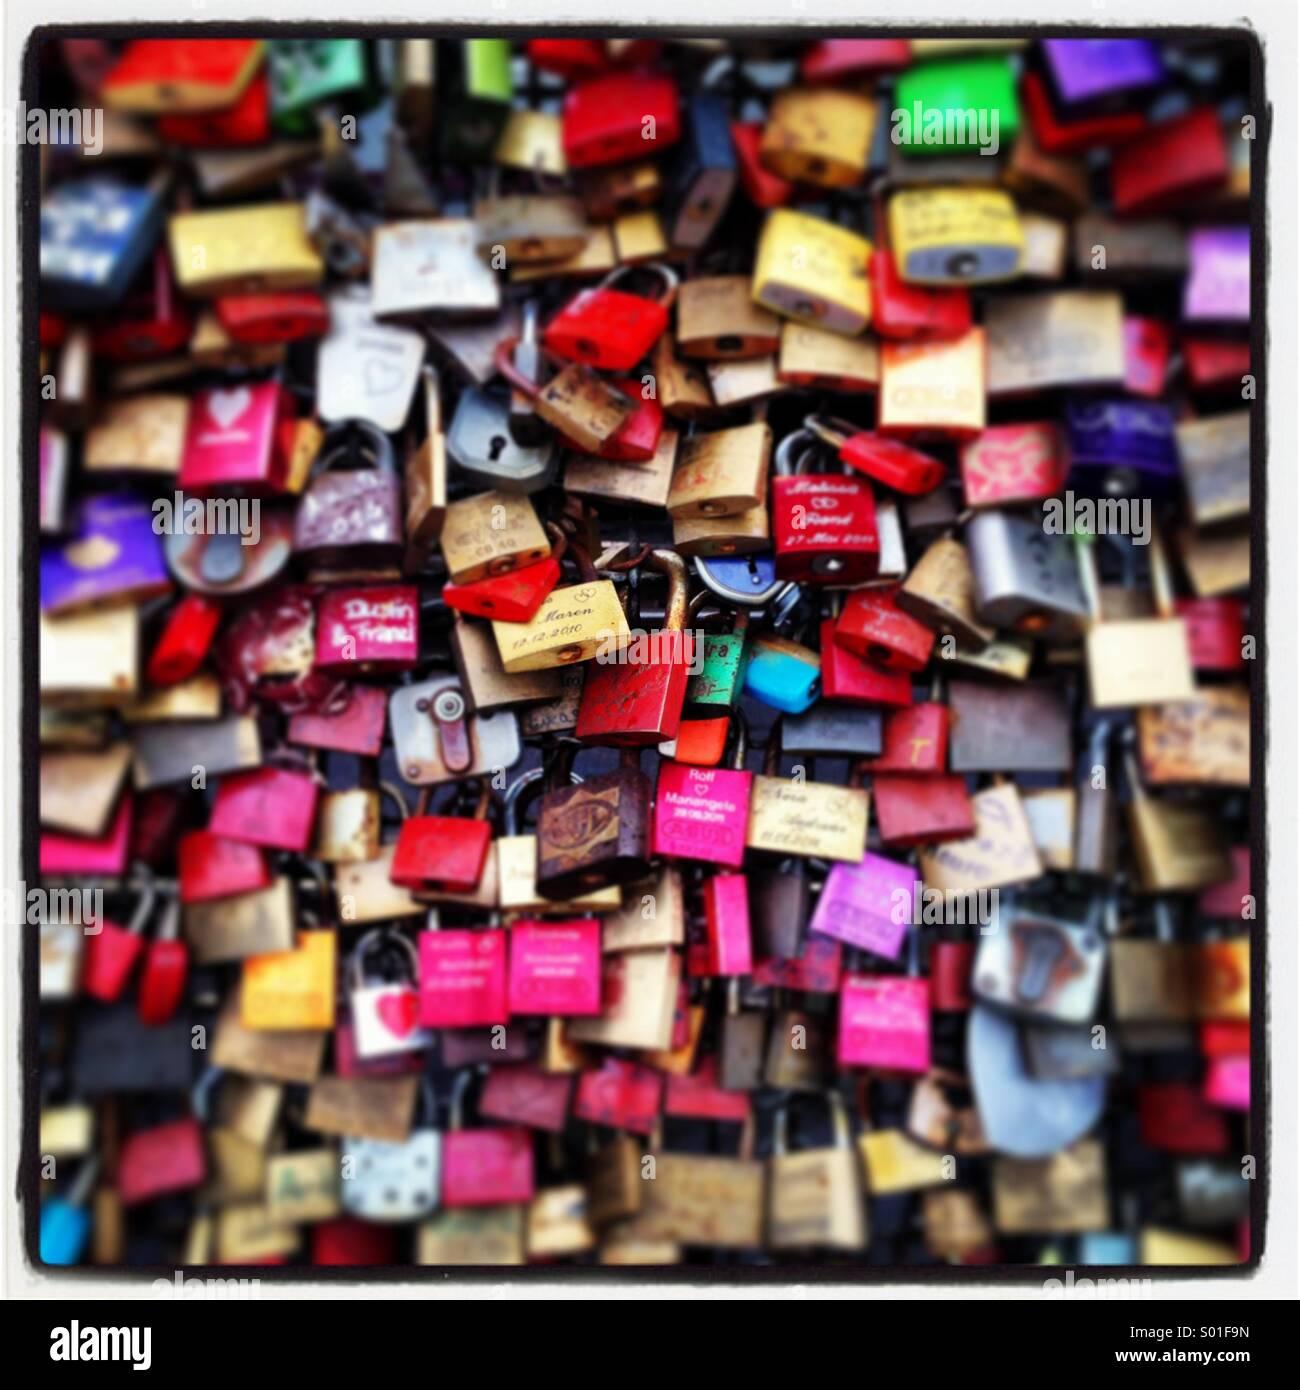 Bloqueado bloquea simbolizing amor Imagen De Stock